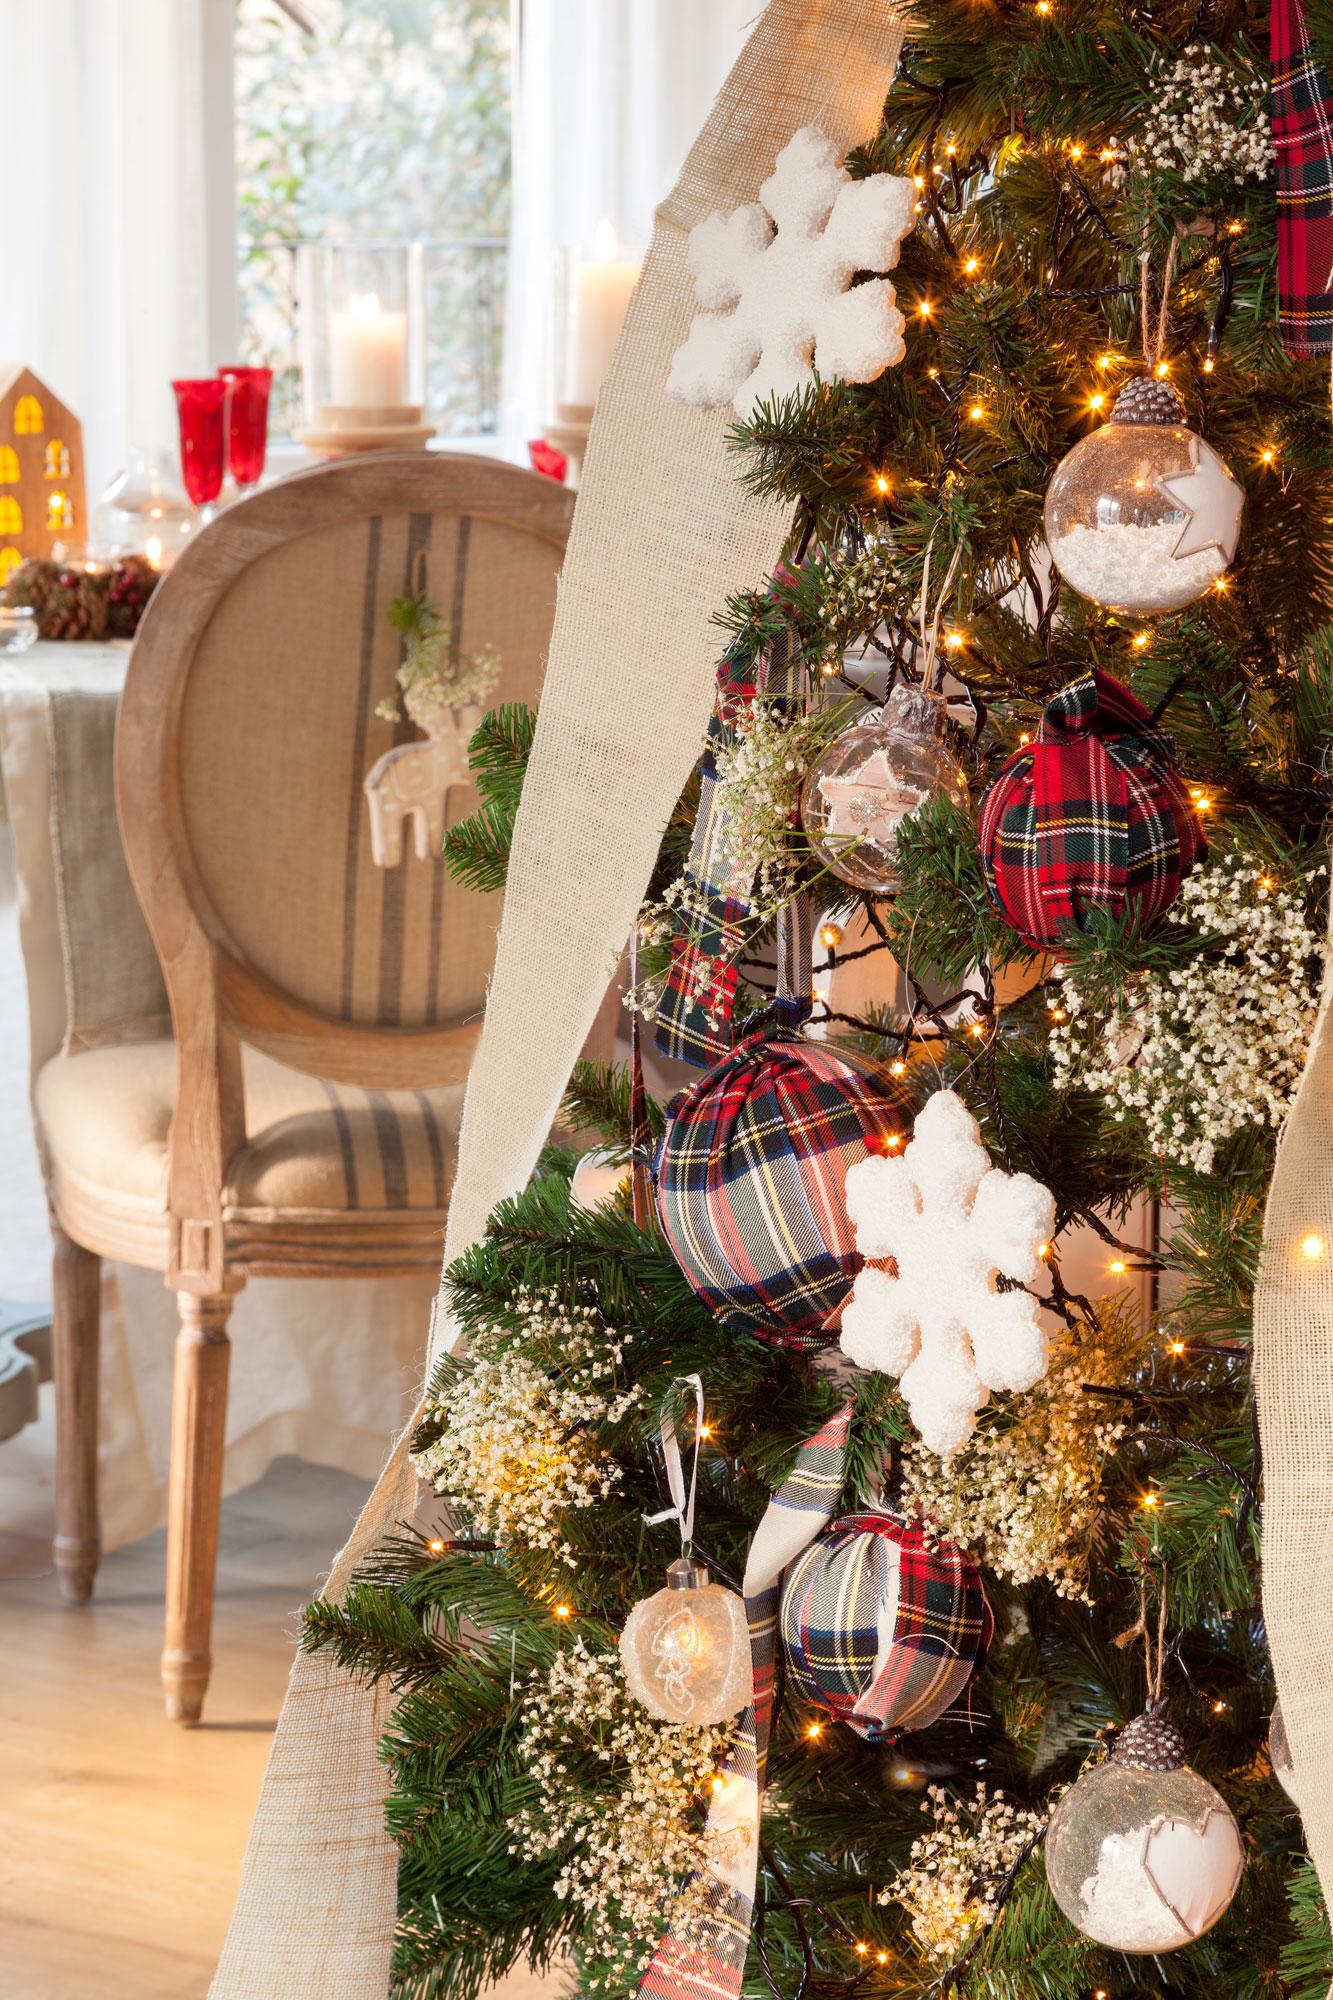 72 fotos de rbol de navidad for Muebles decorados de navidad